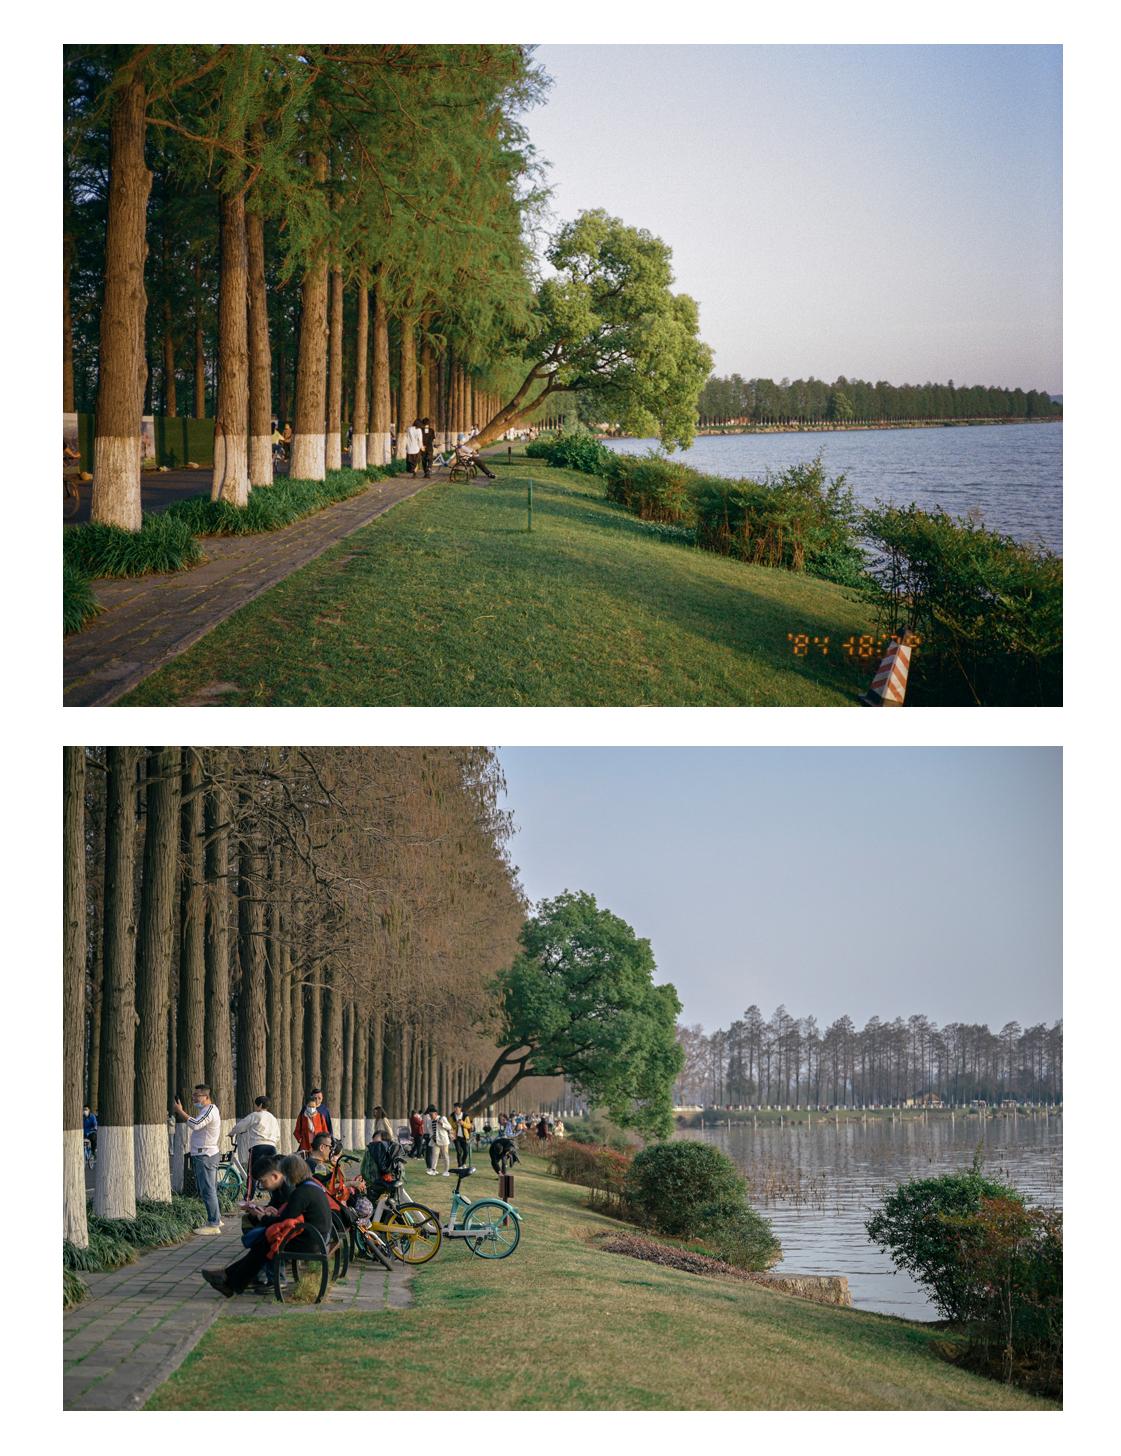 上图:2020年4月26日,武汉,东湖。 下图:2021年2月13日,武汉,东湖。